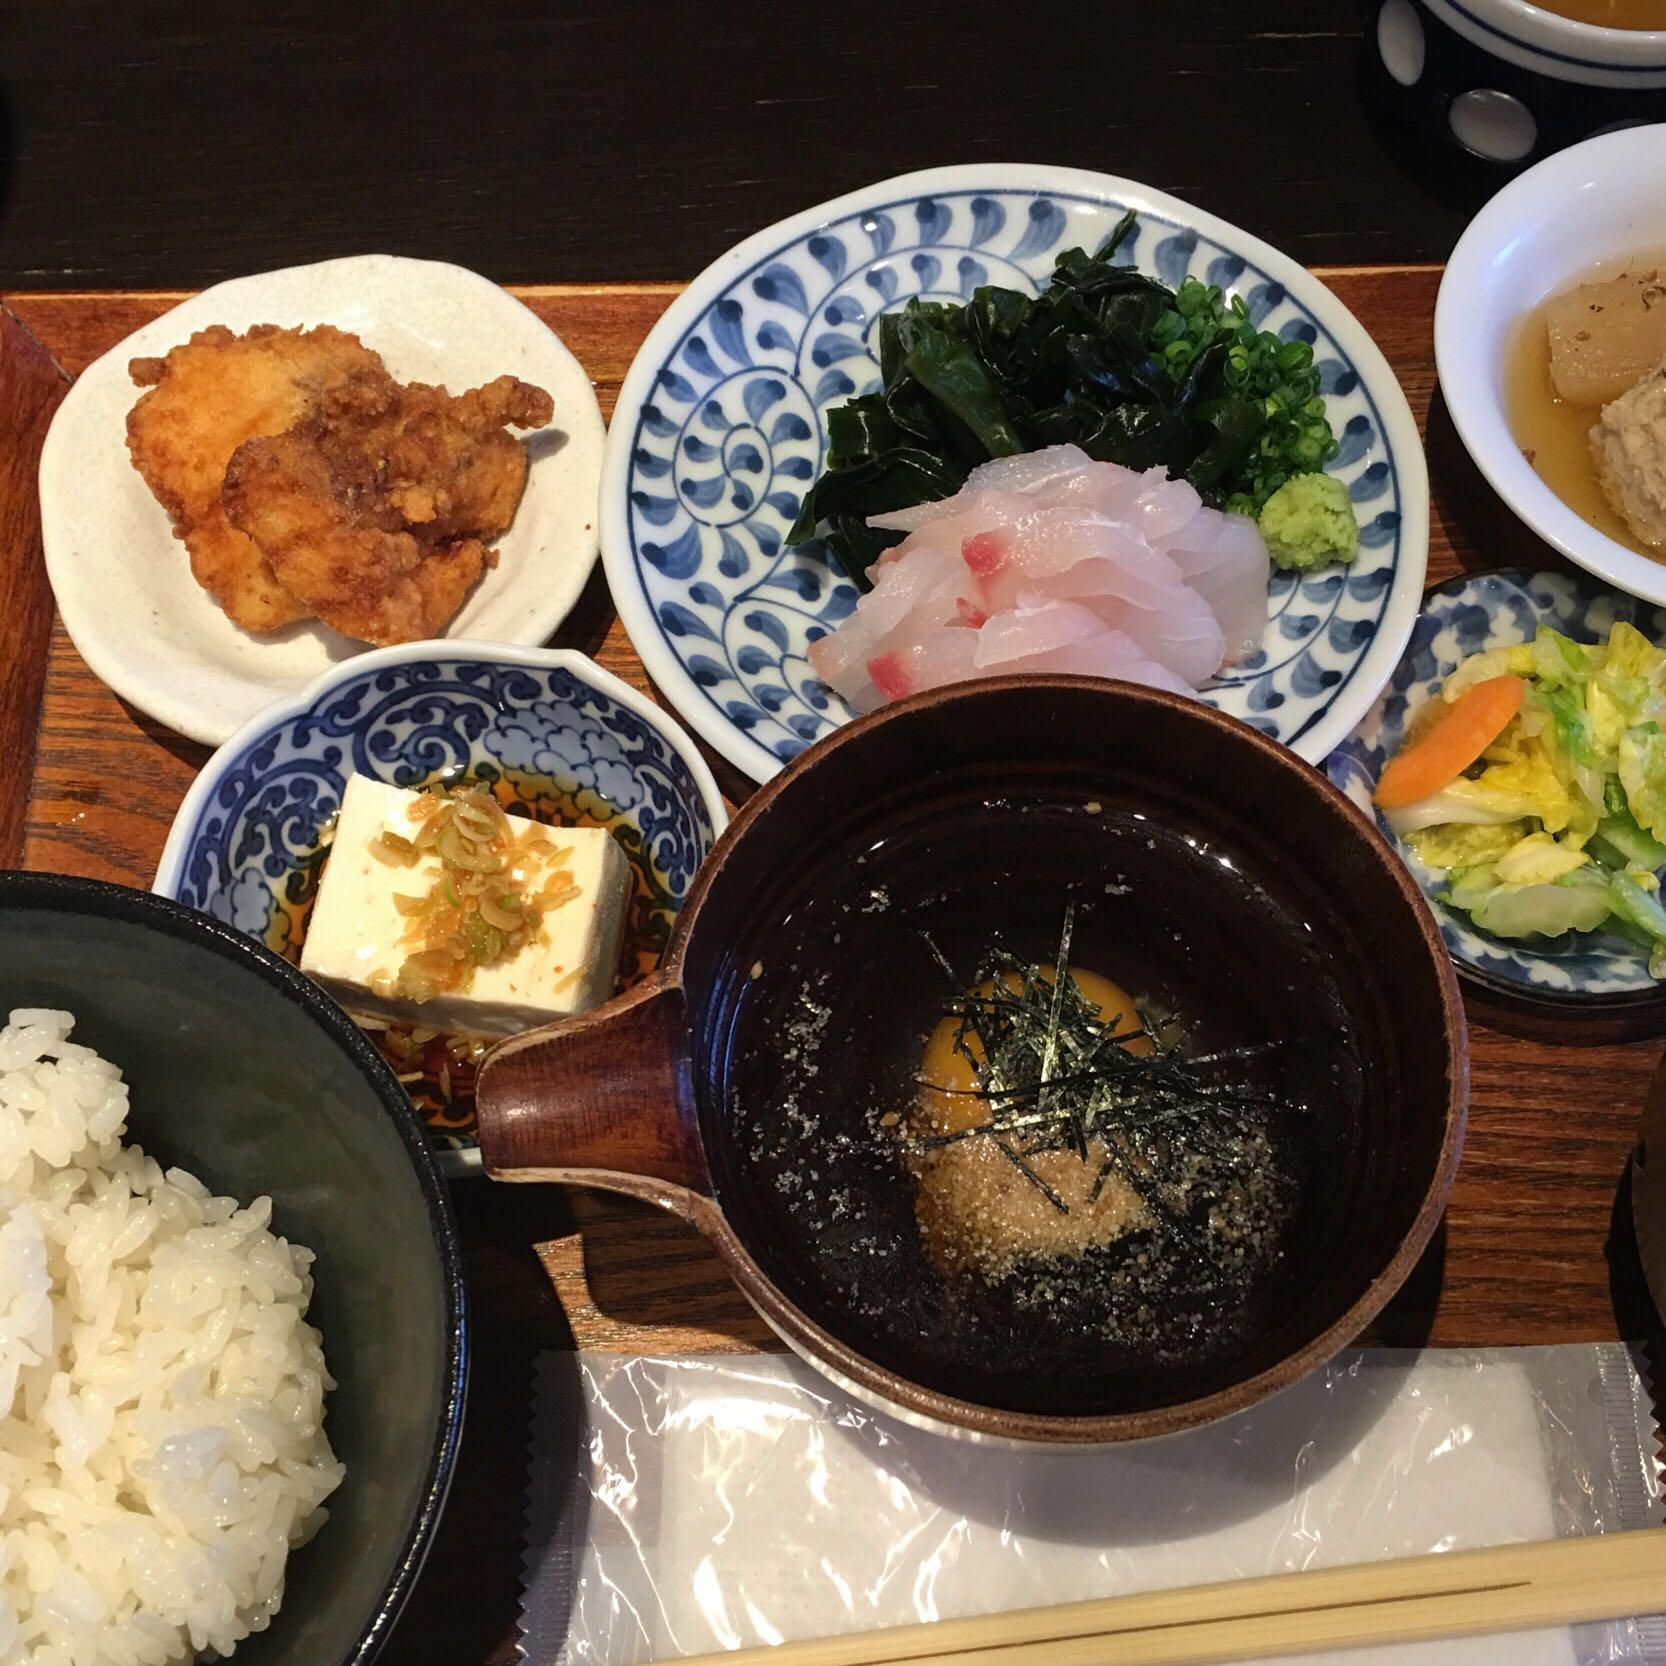 並んでも食べたい!浜松町鯛樹さんの鯛飯が超美味しいよ!!!!